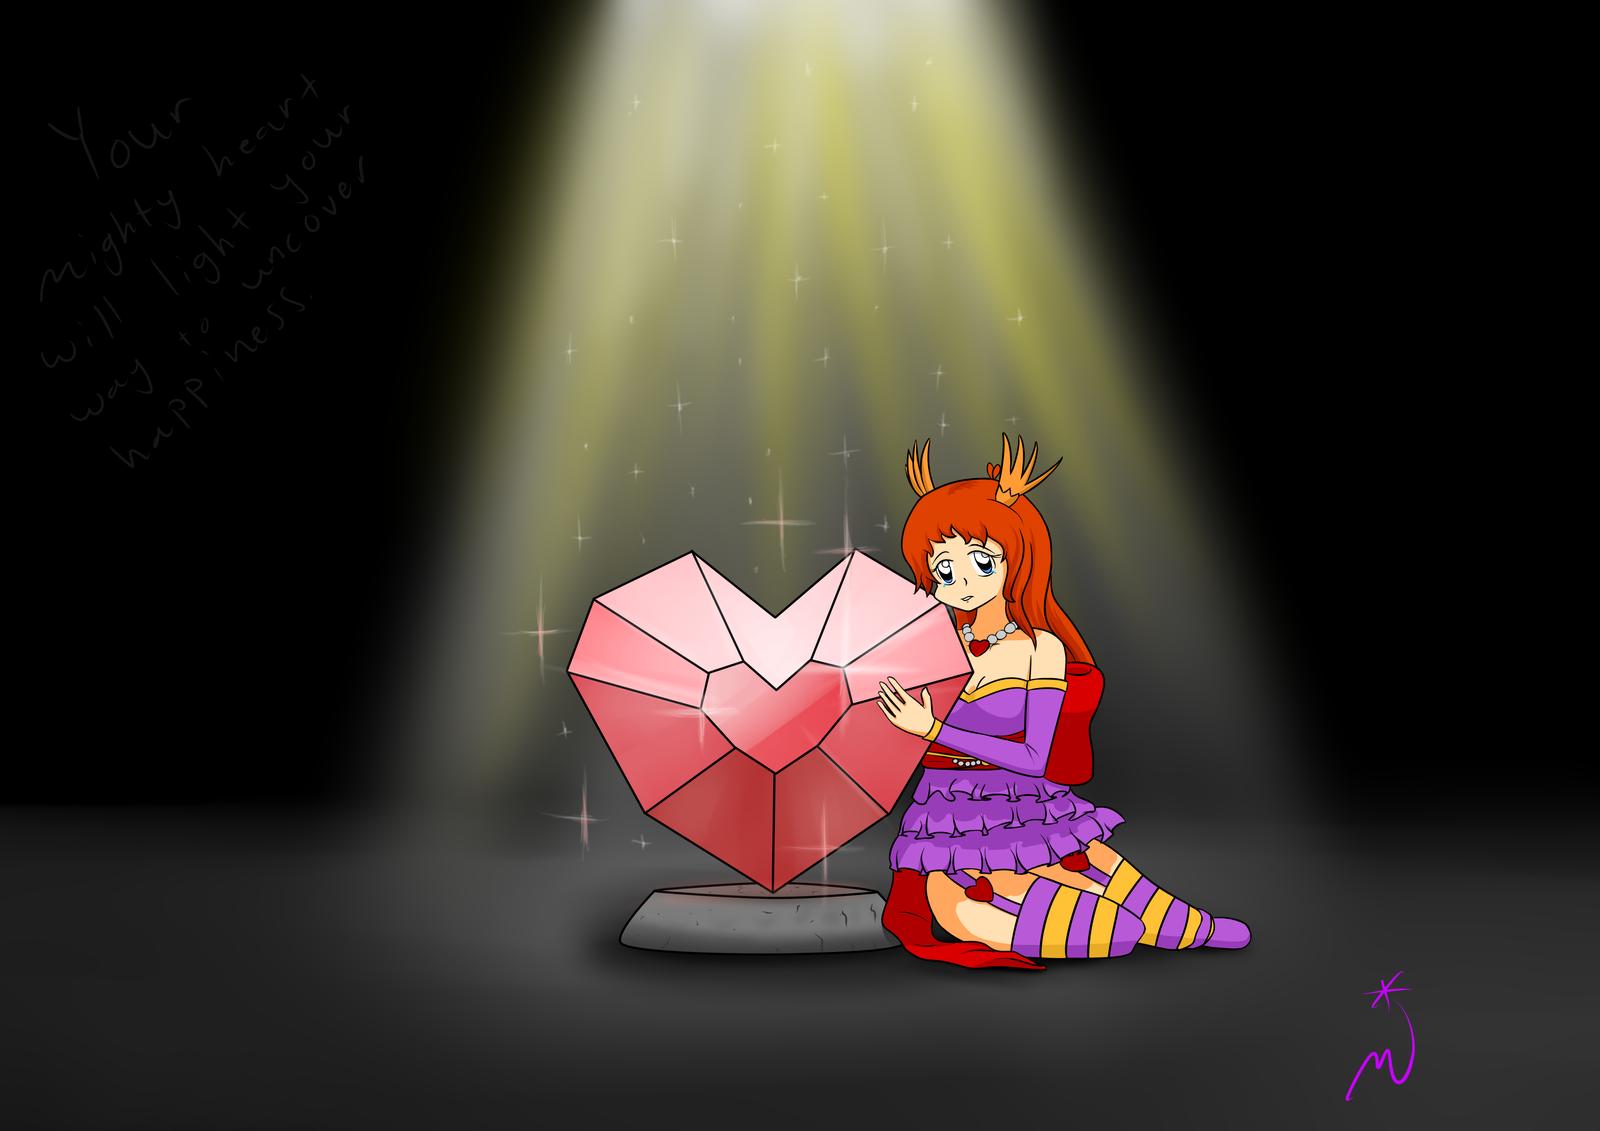 Izka's Gift by Dumdodoor